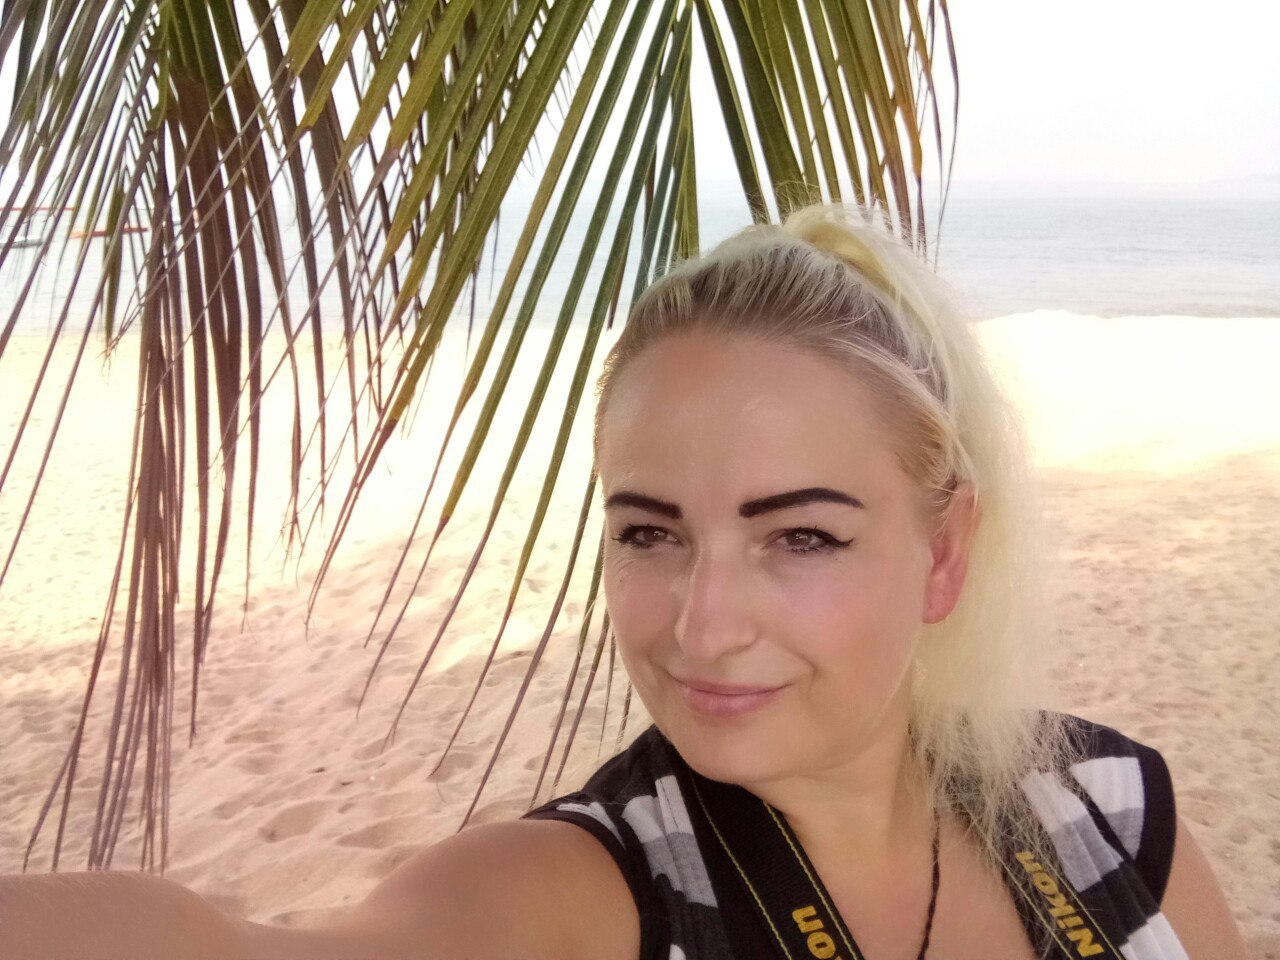 никосия - Елена Руденко. Мои путешествия (фото/видео) - Страница 3 UDlmdFA9Mzg